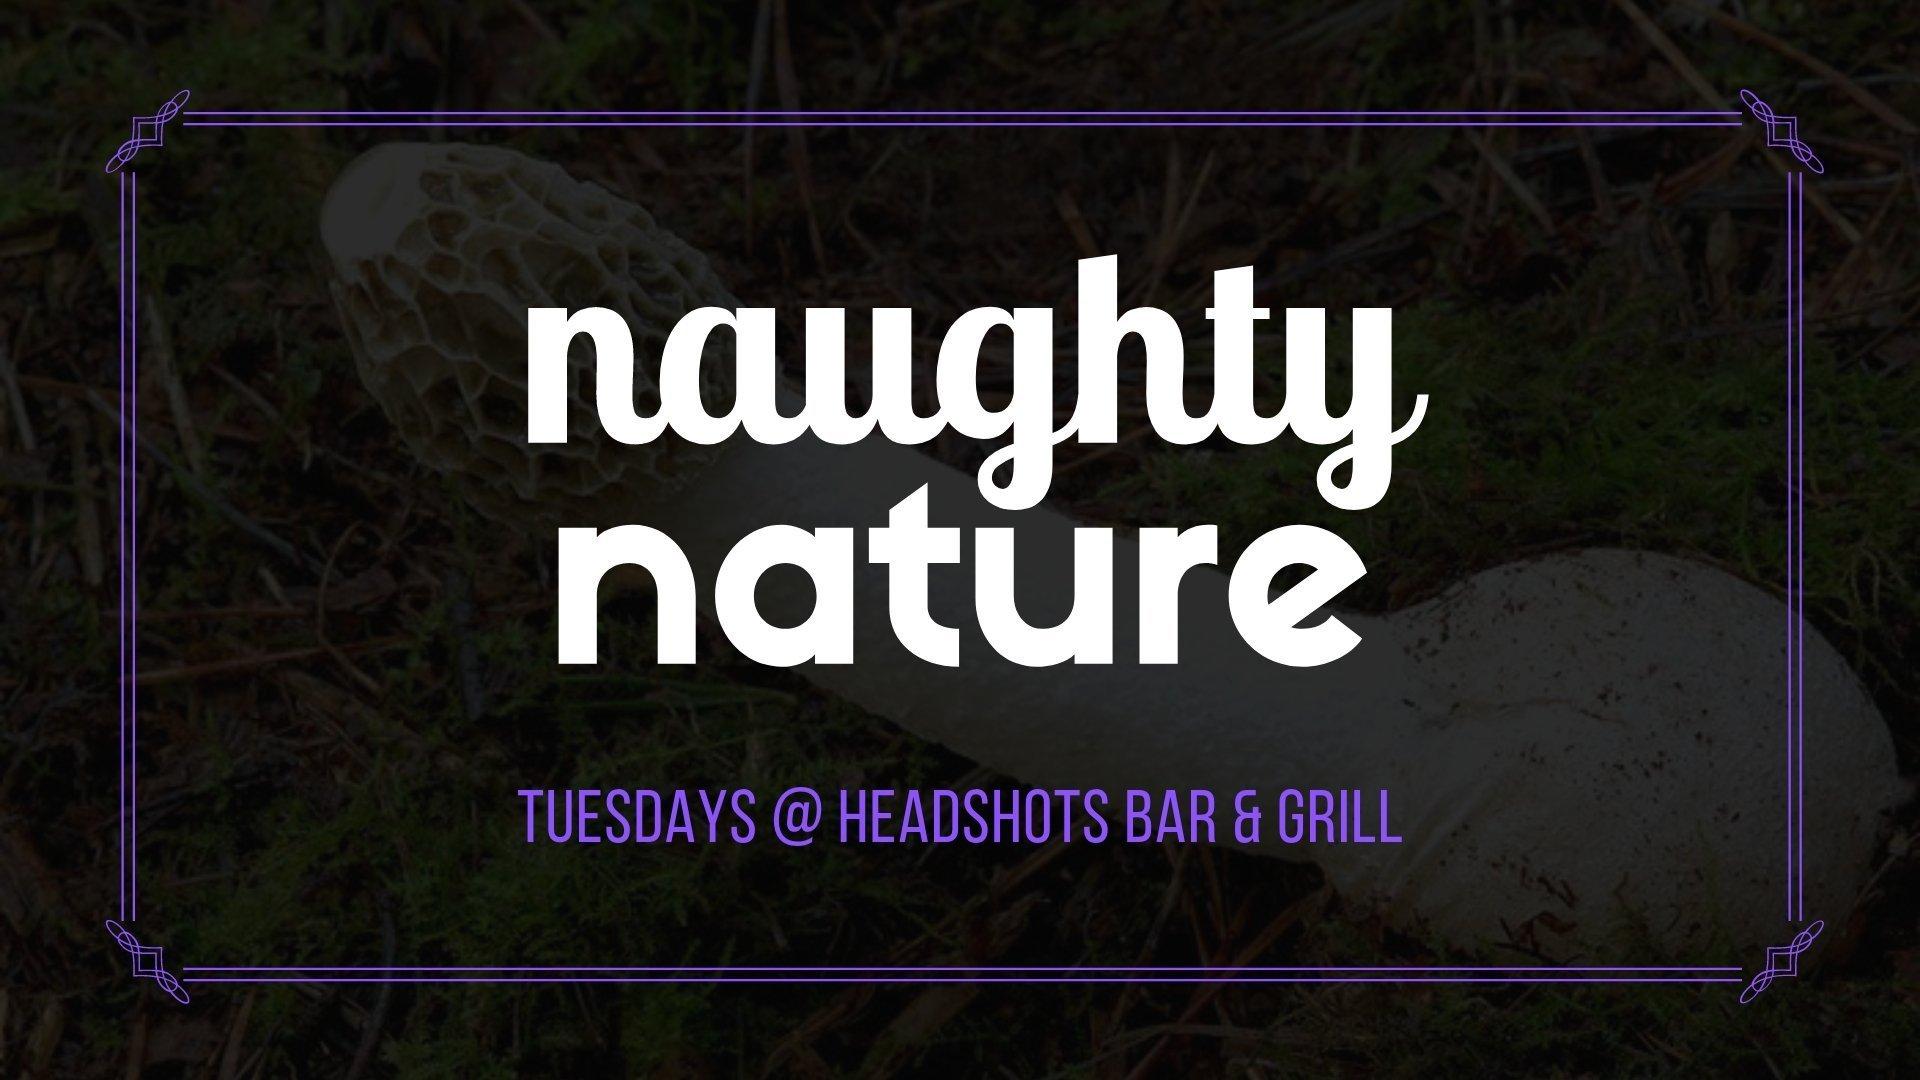 naughty nature